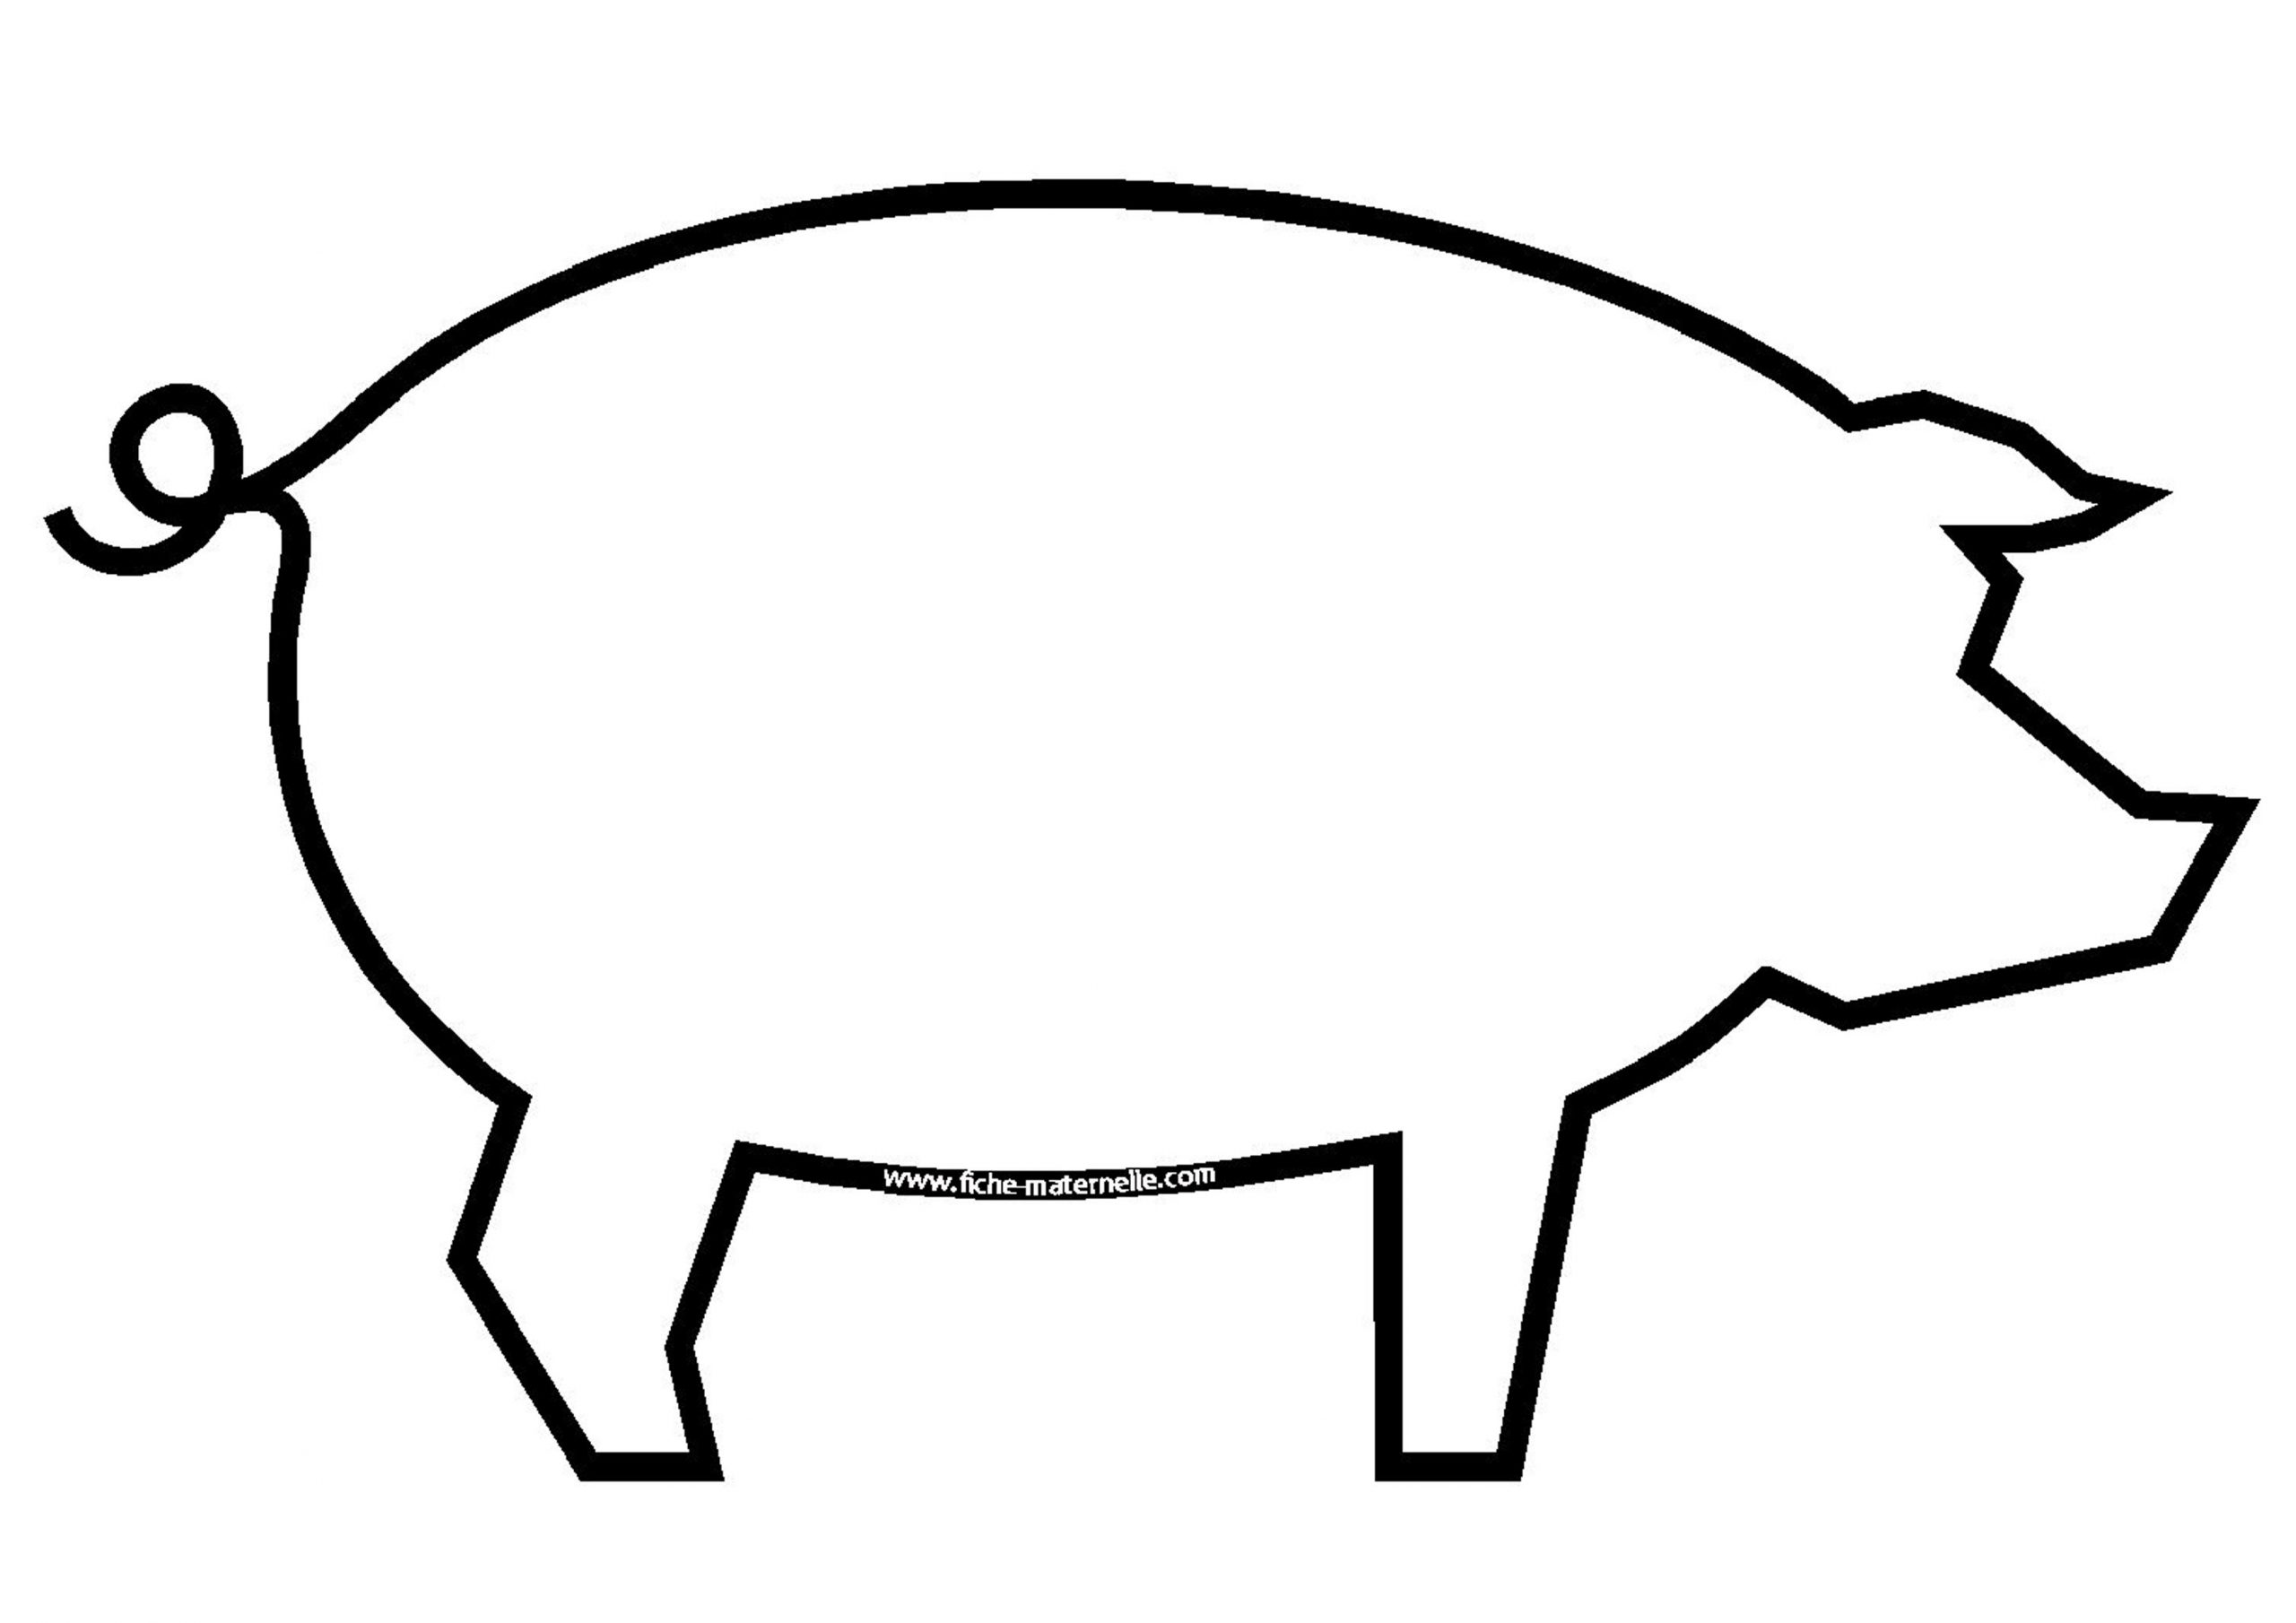 Dessins Gratuits À Colorier - Coloriage Cochon À Imprimer avec Dessin A Colorier Cochon